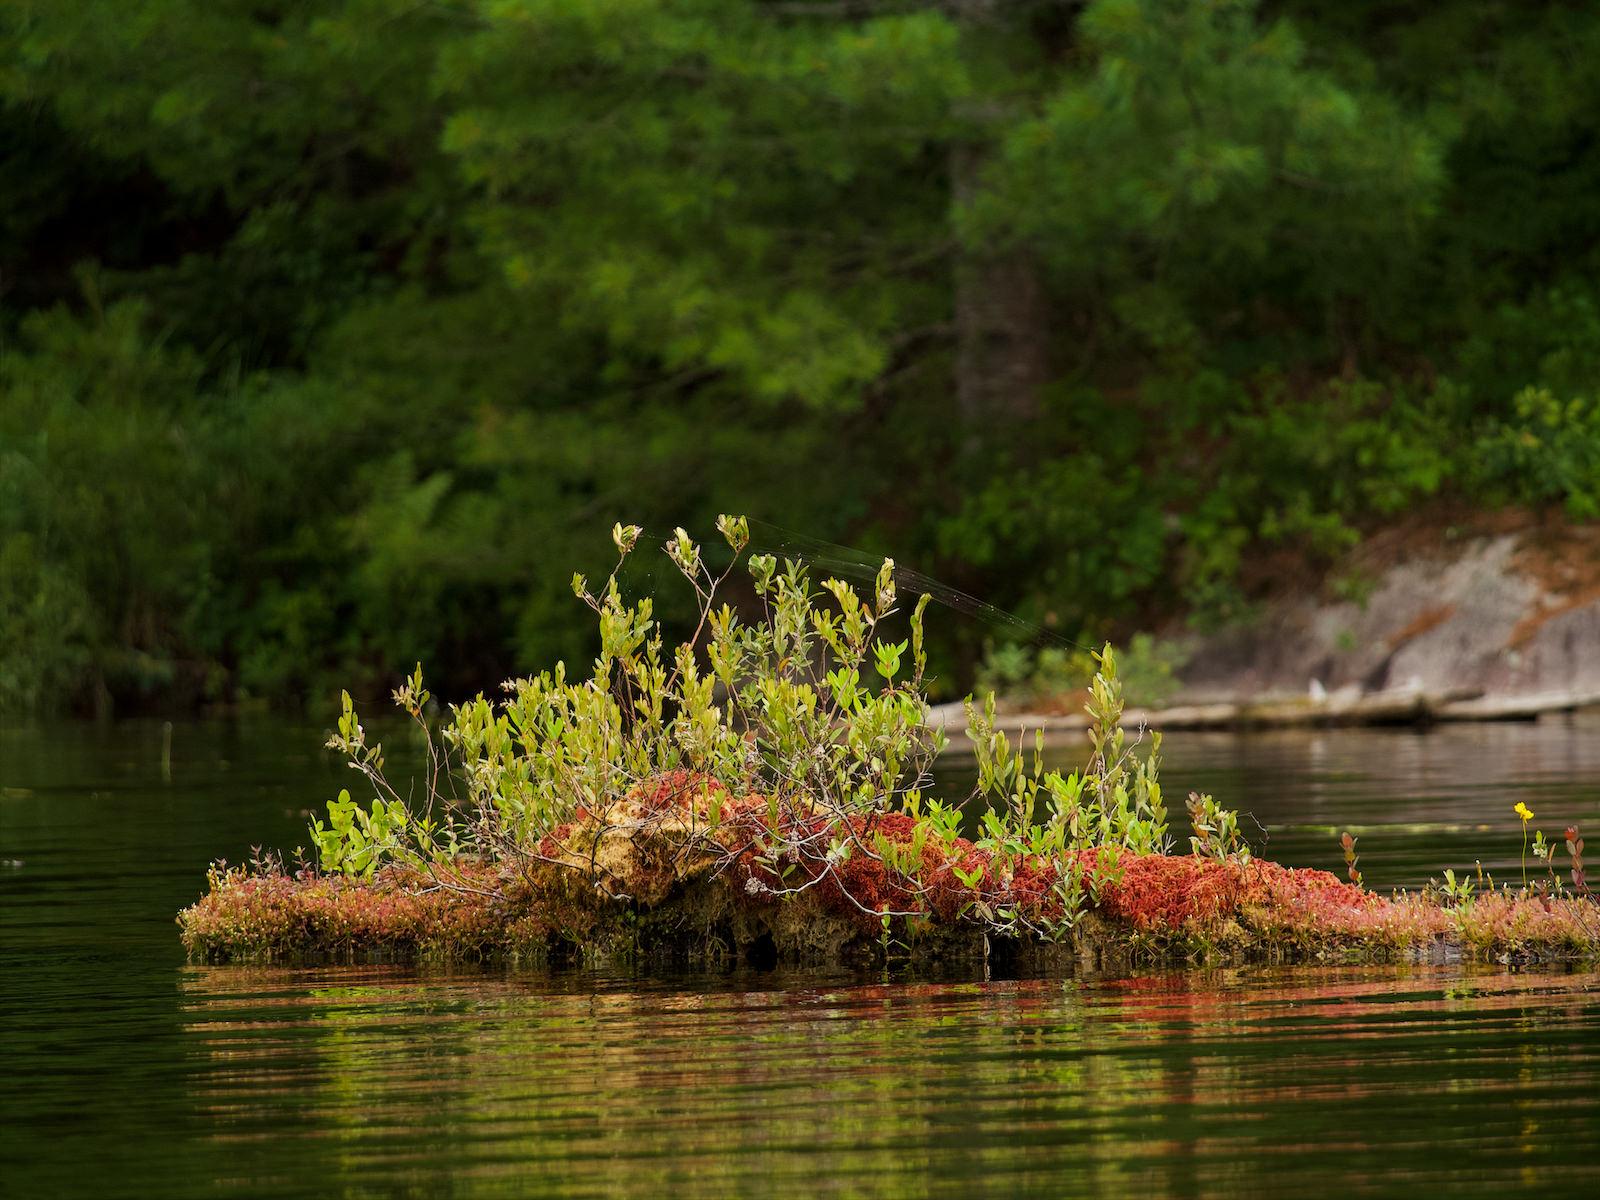 Un tronc dans le lac dont la partie émergente sert de milieu de vie à d'autres plantes.